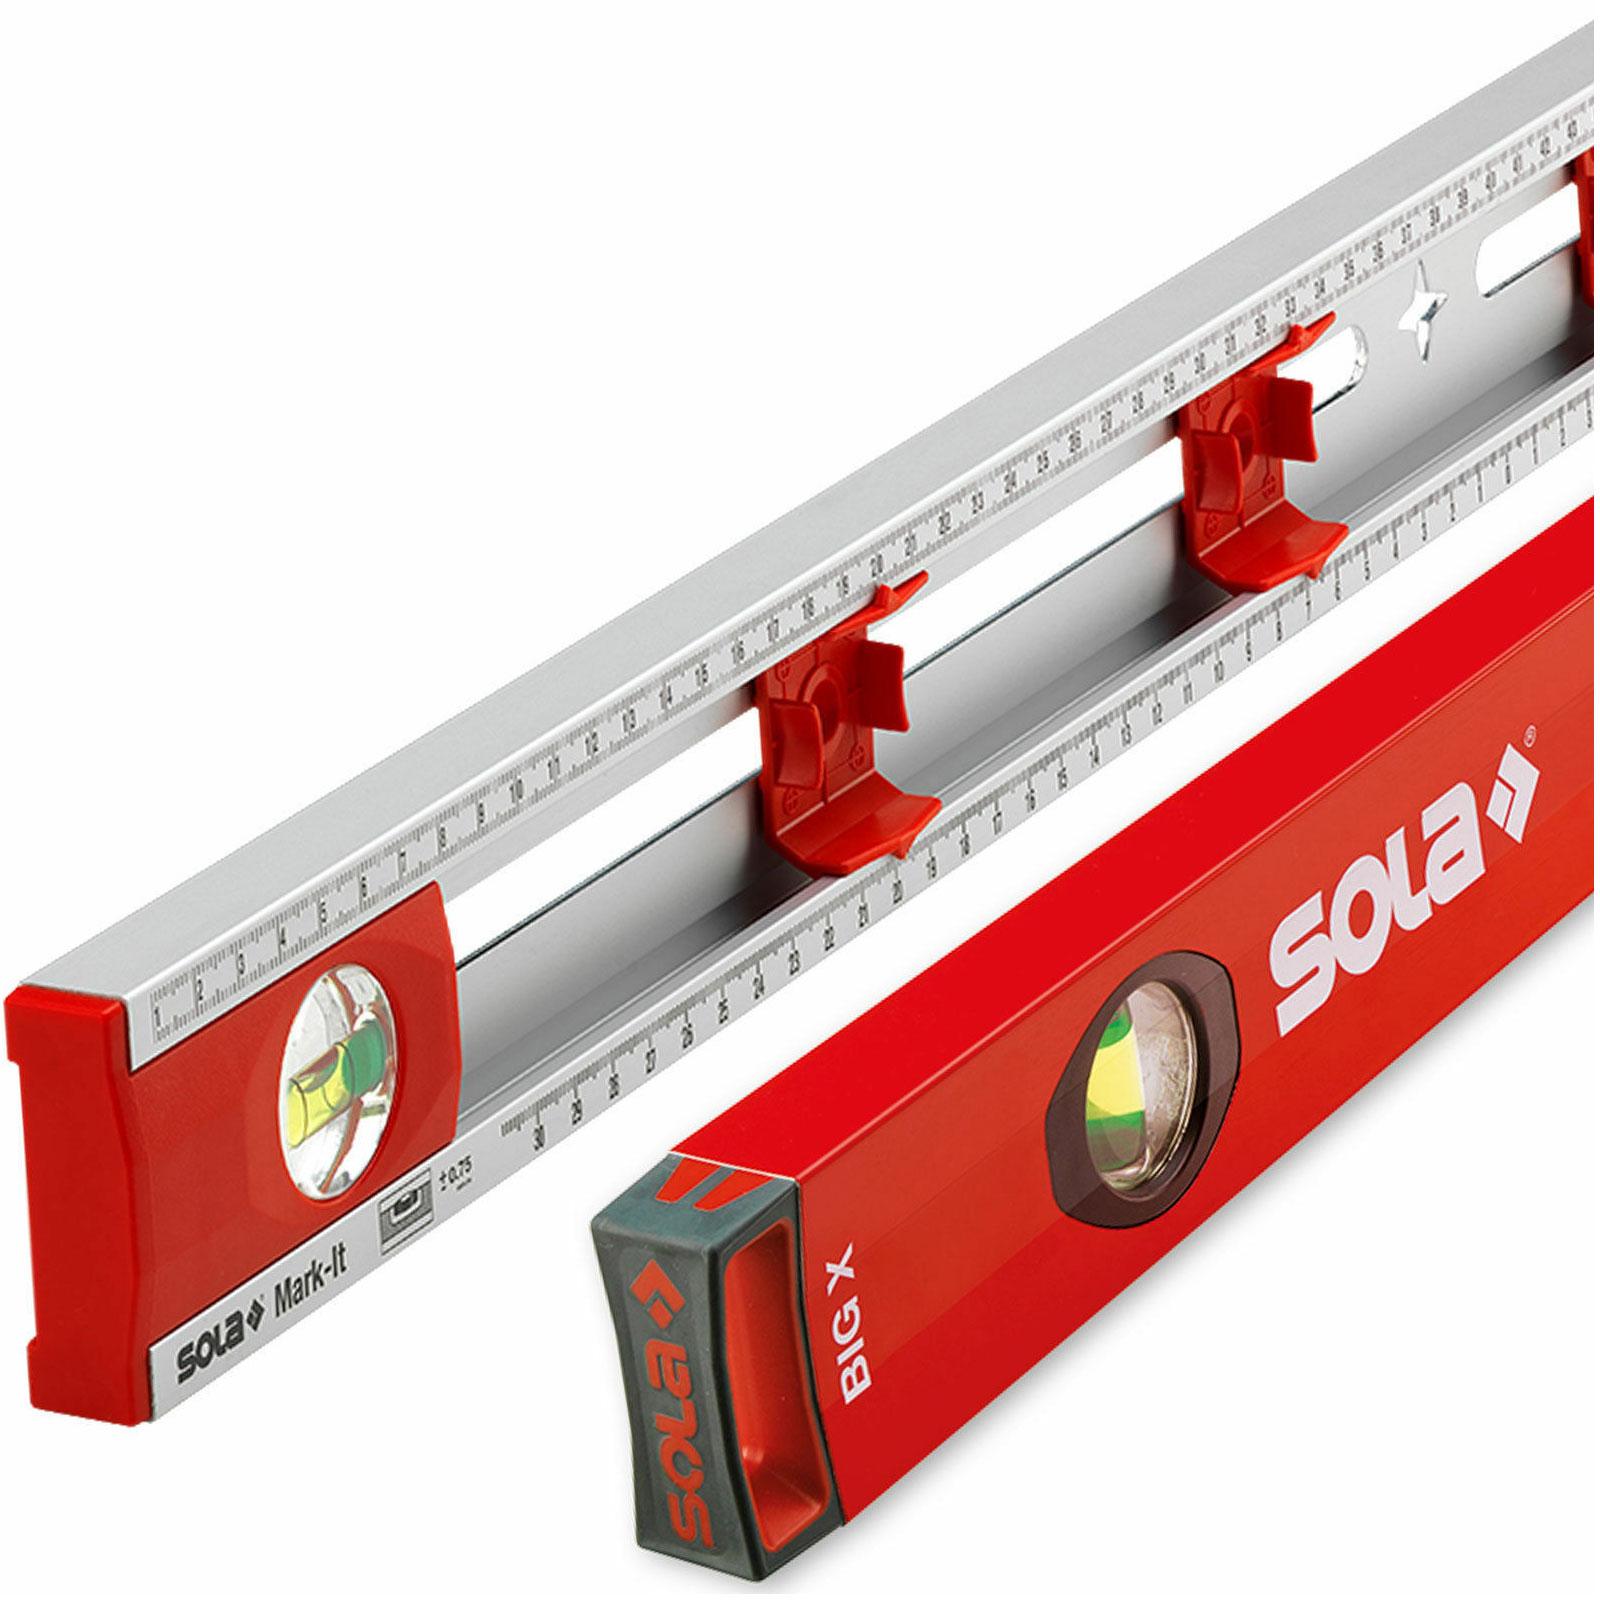 Stabila Wasserwaagen Set 200+150+100+40cm Profi Aluminium Wasserwaagen Alu